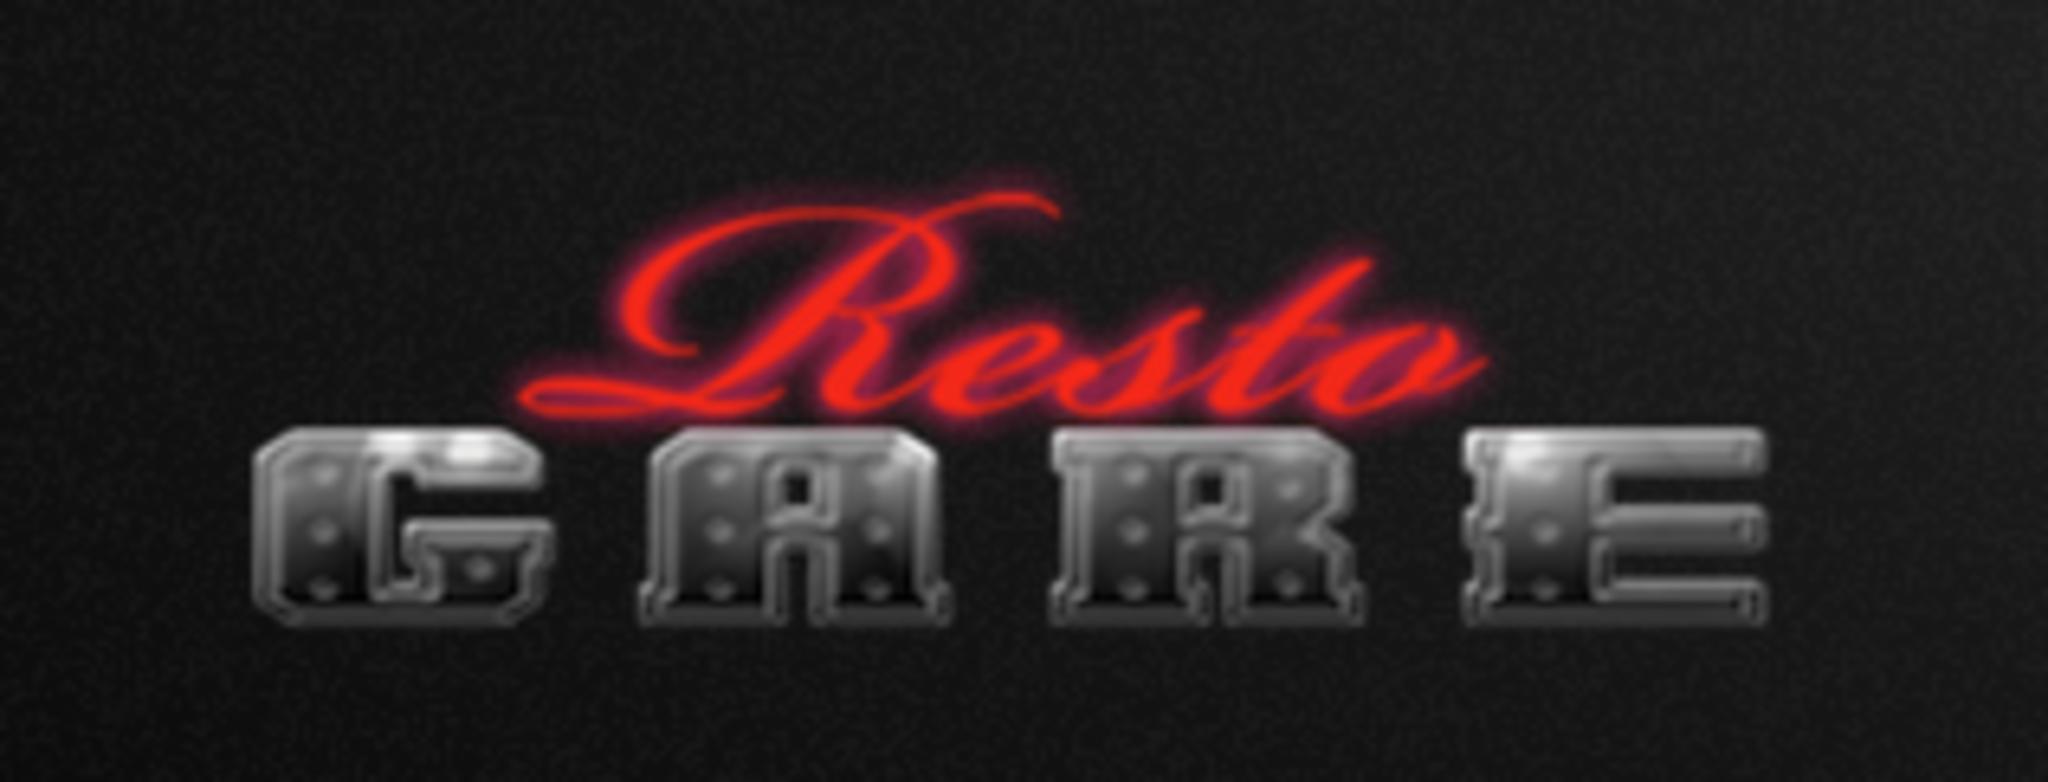 Resto Gare And Train Bar Bistro